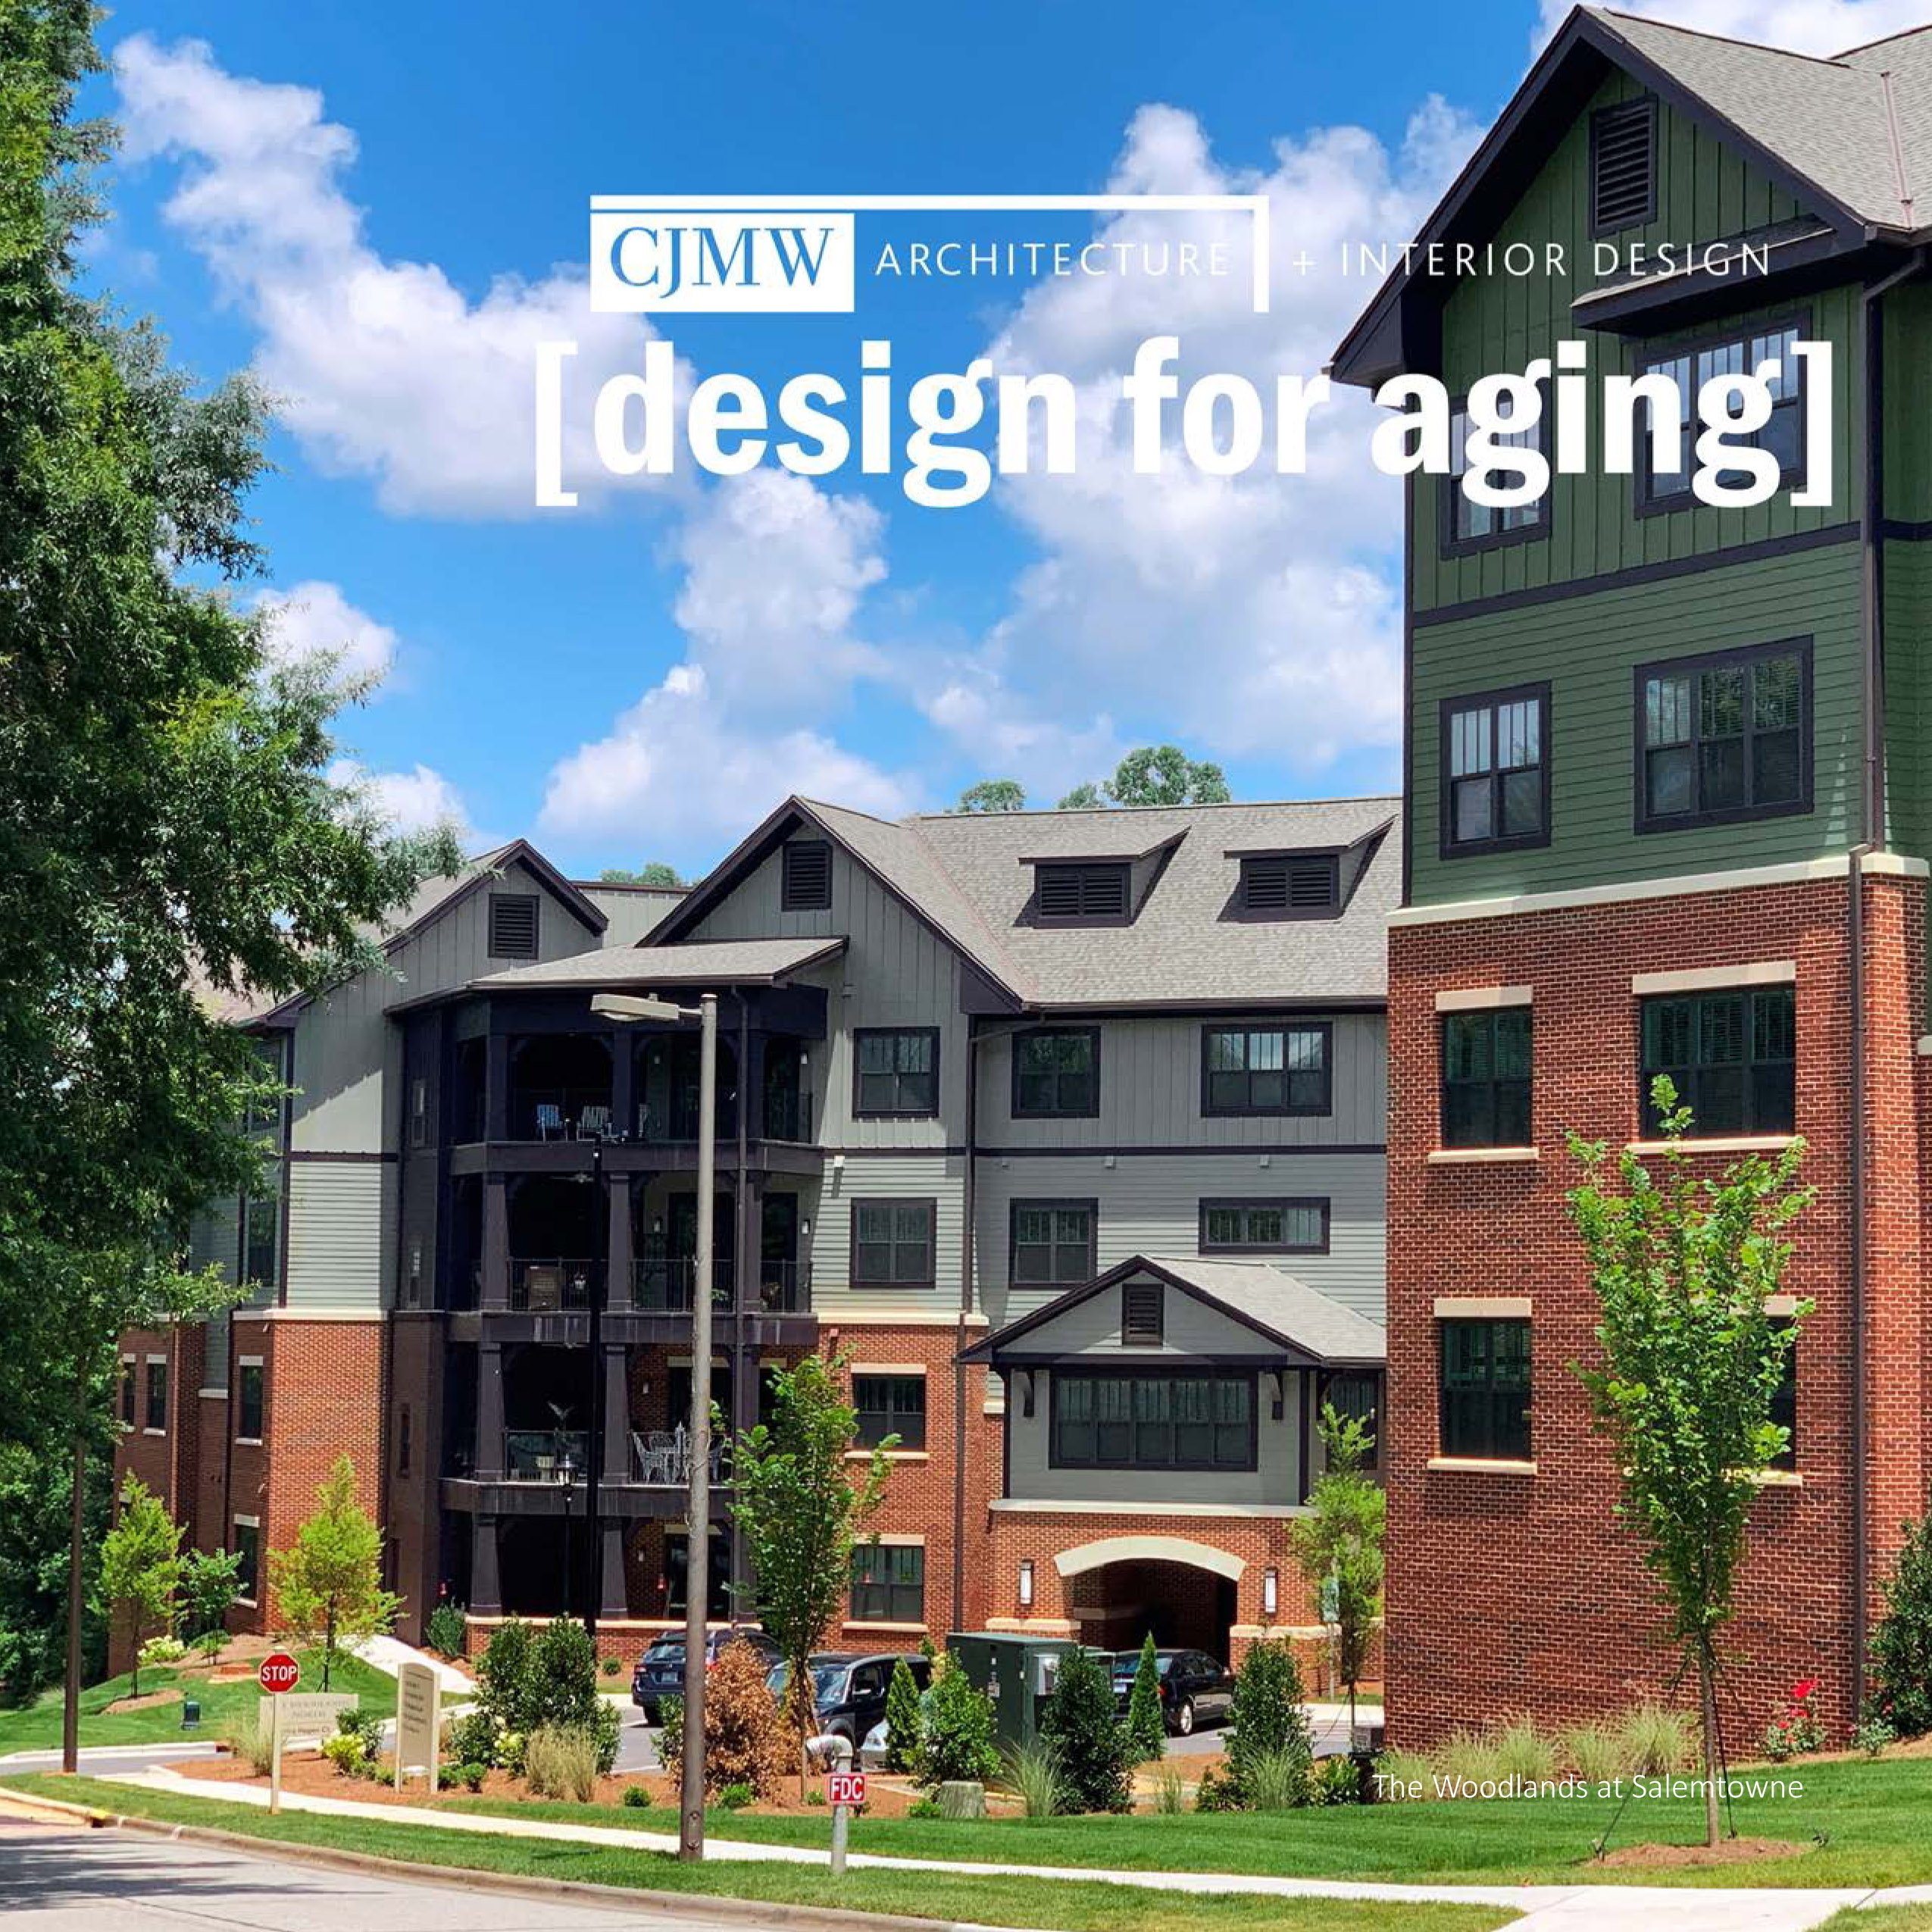 cover of senior living design brochure showing Woodlands at Salemtowne